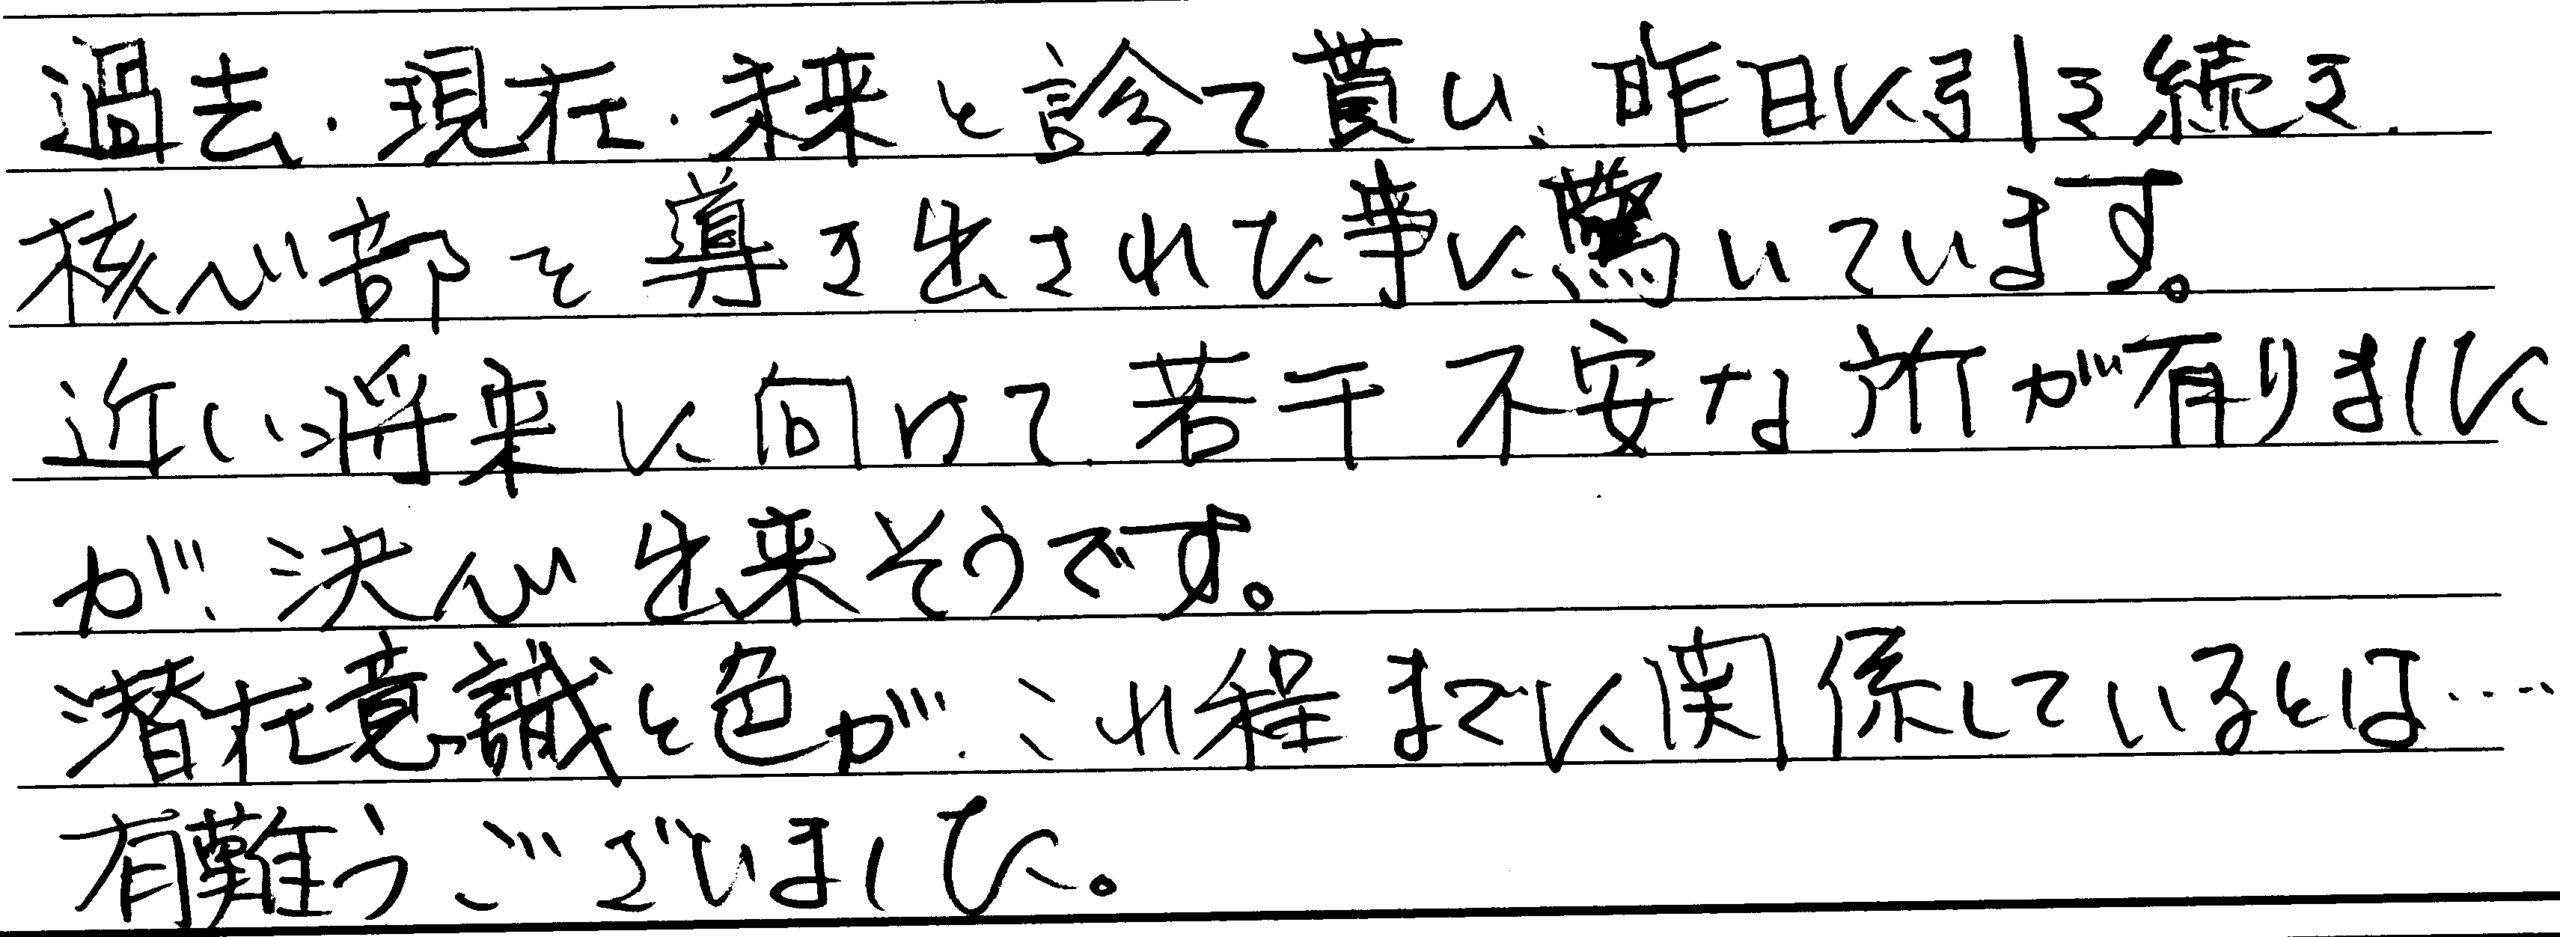 カラーセラピー口コミ Iさん